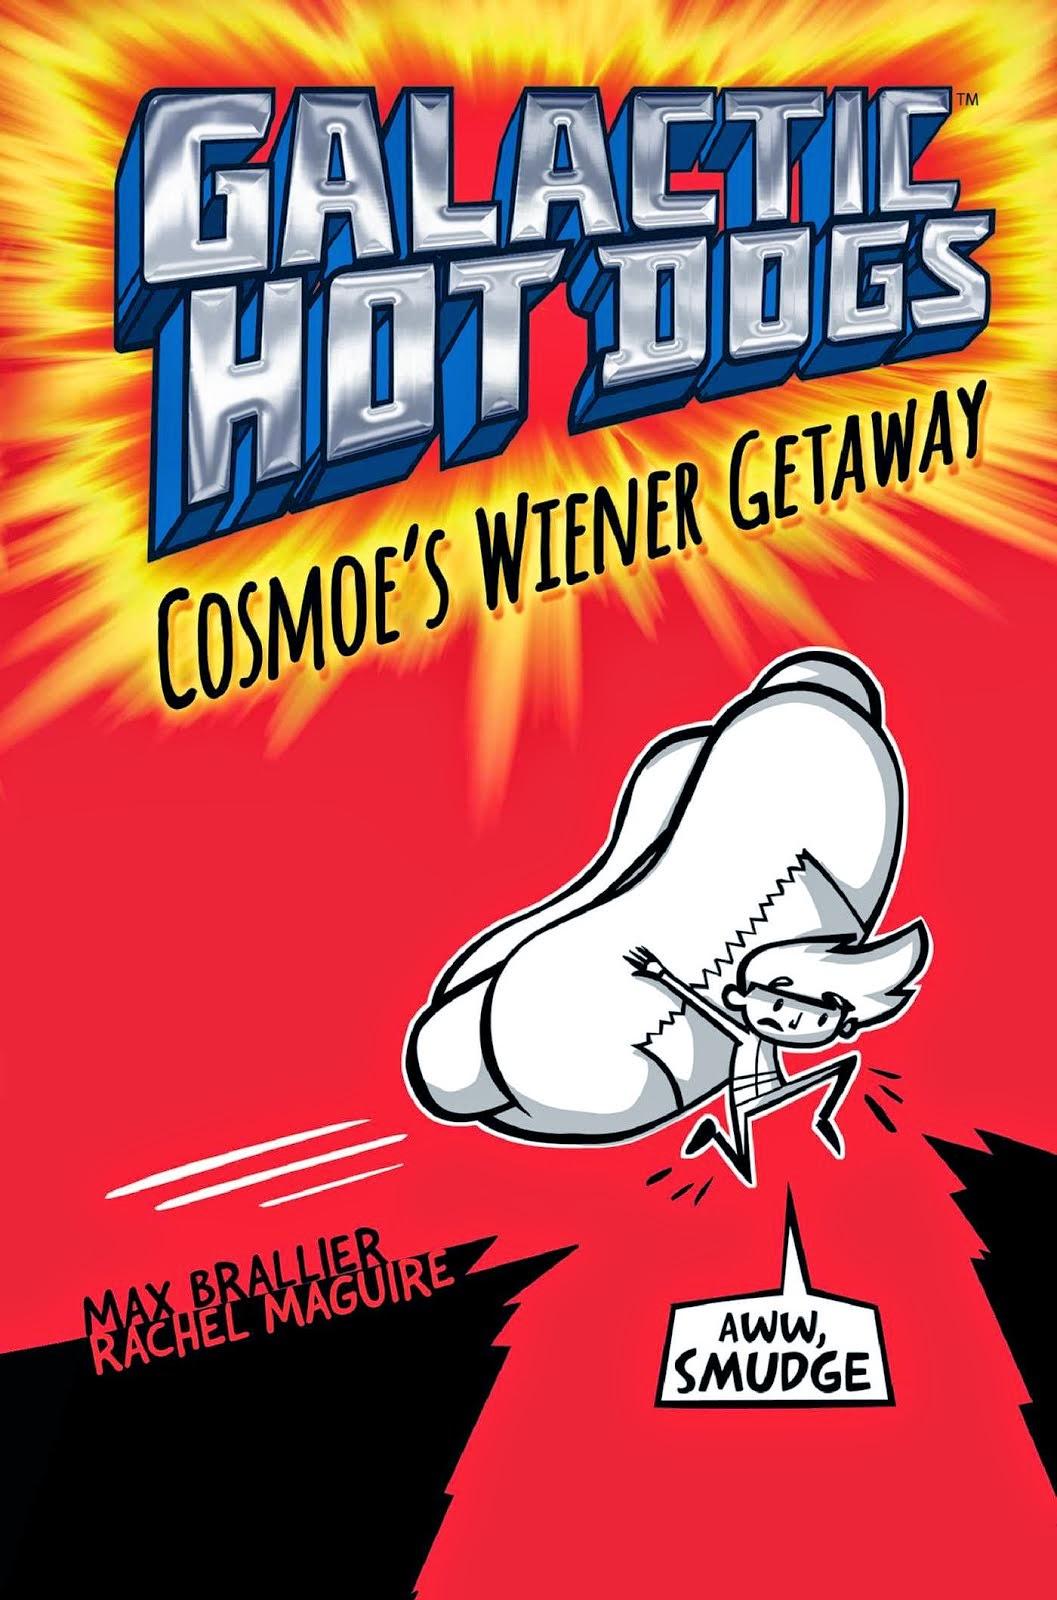 Max Brallier - Galactic Hot Dogs: Cosmoe's Wiener Getaway 5/13/15 7:00pm